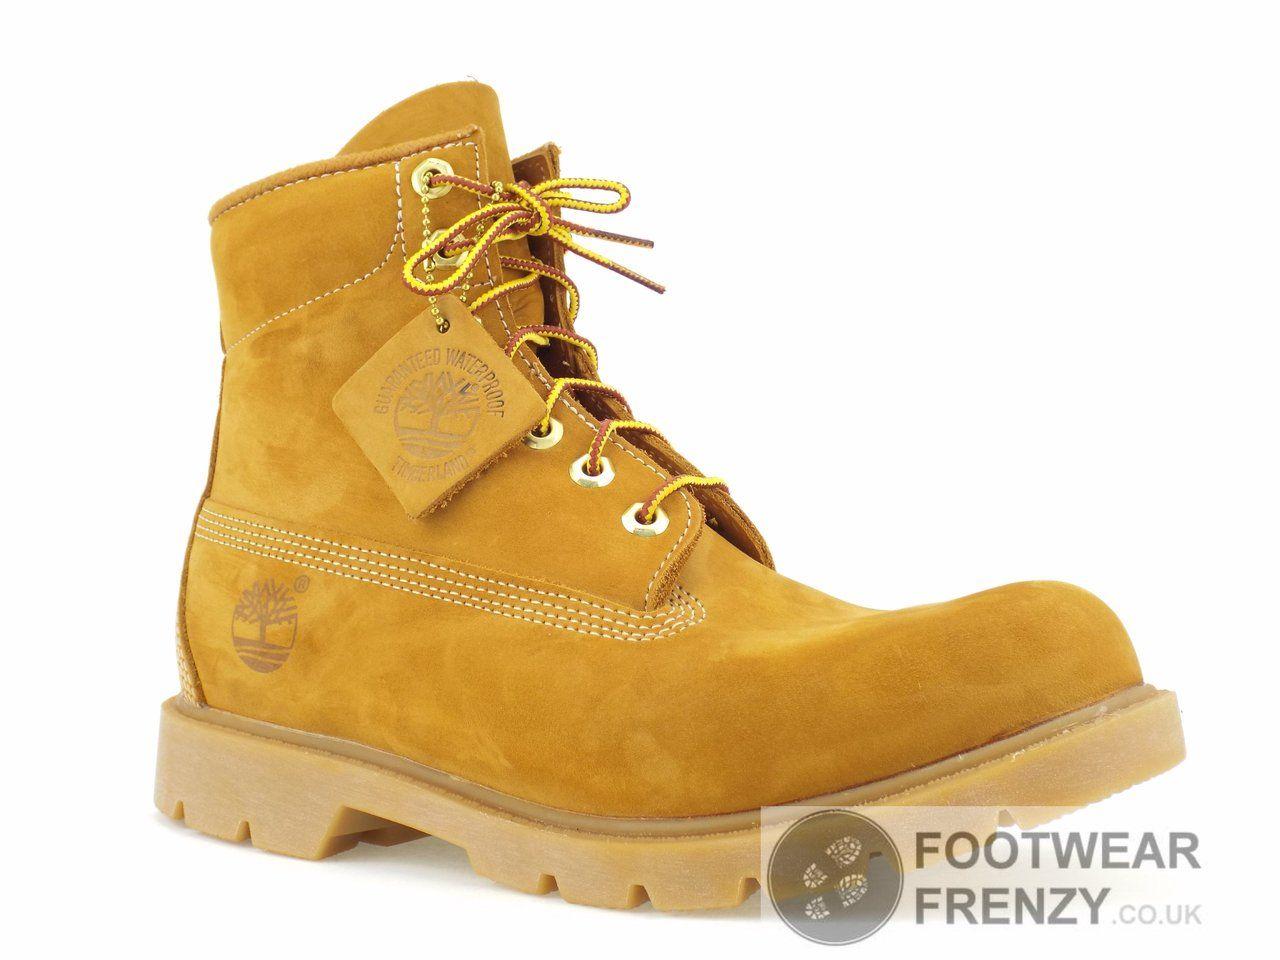 Footwear Frenzy (footwearfrenzy) on Pinterest